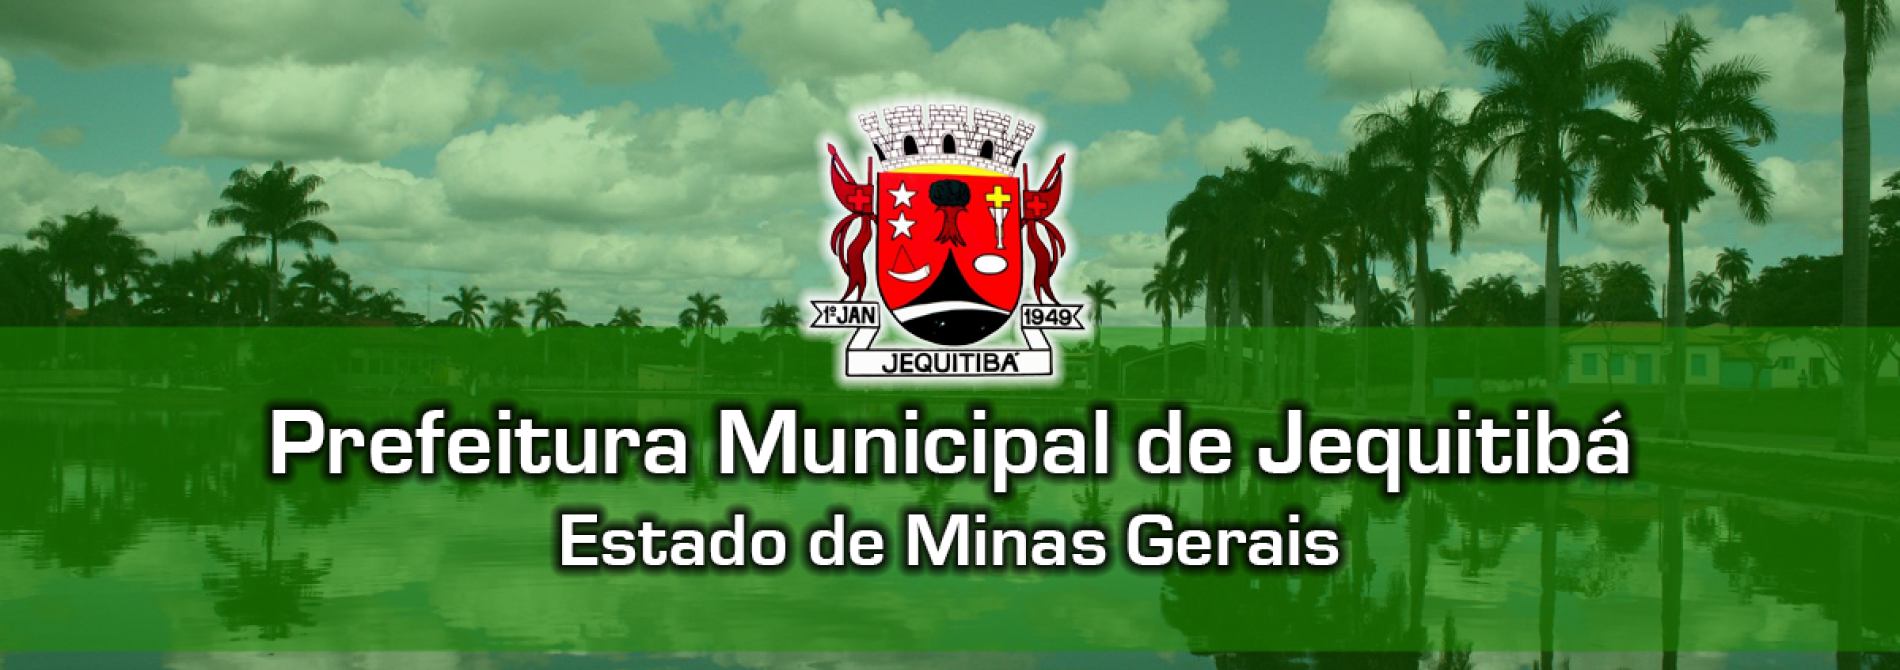 Prefeitura Municipal de Jequitibá